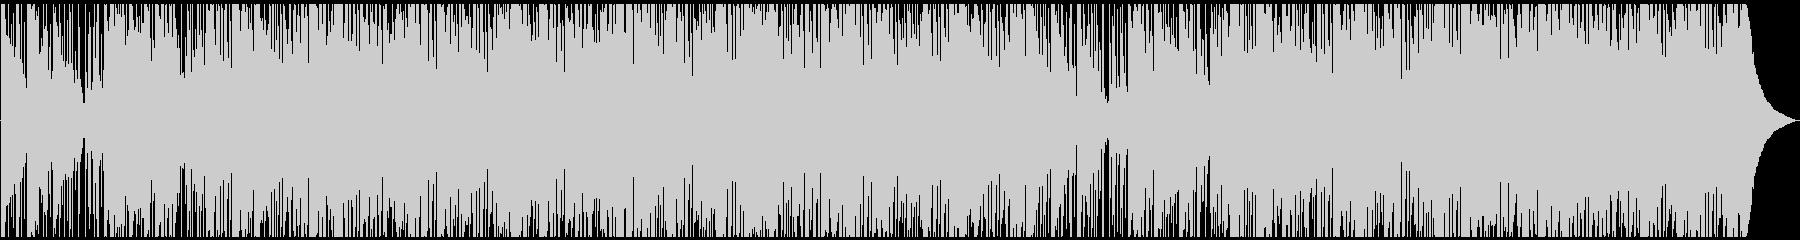 ファンク ドラマチック ピアノ シ...の未再生の波形